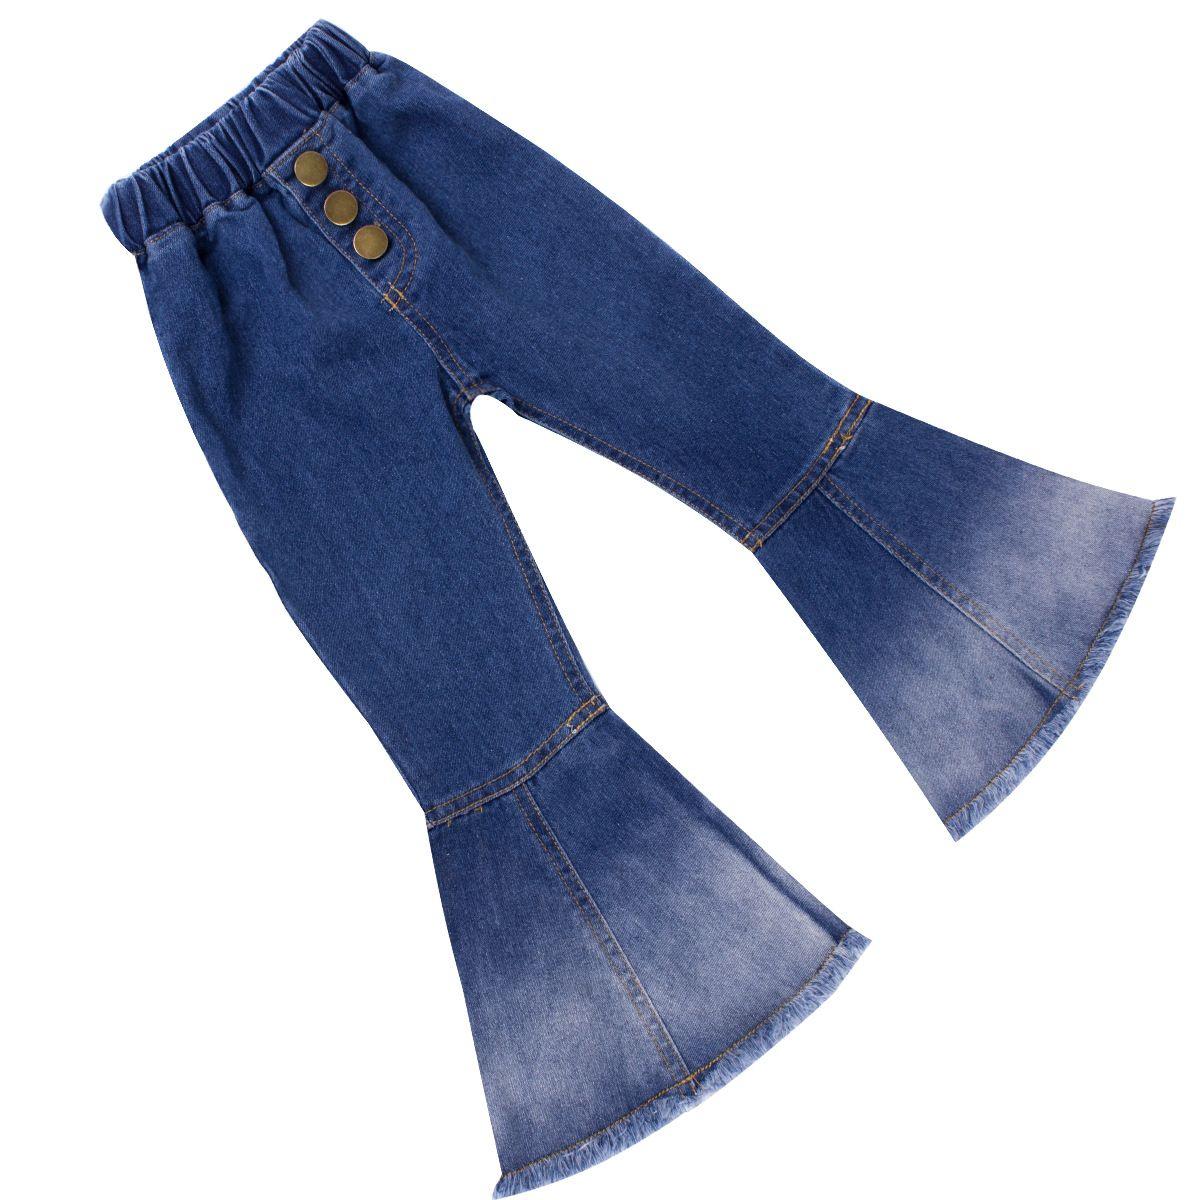 التجزئة طفل بنات التدرج مضيئة بنطلون جينز شرابات جينز اللباس الداخلي الجوارب الاطفال مصمم الملابس بانت الأزياء بوتيك ملابس الأطفال